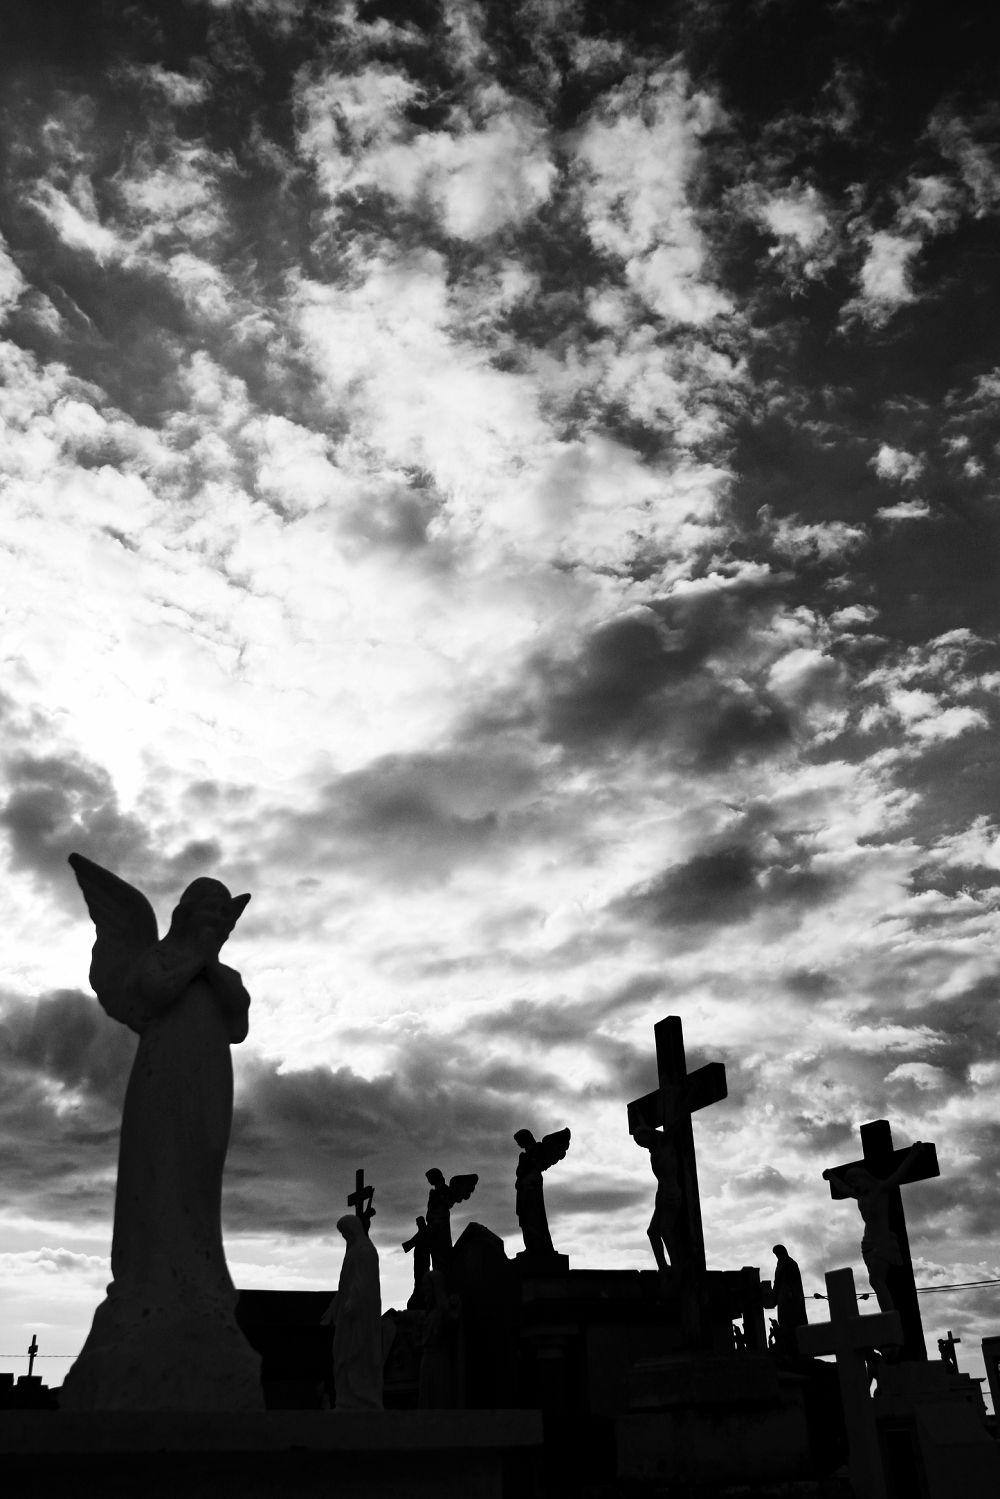 dia-de-los-muertos-expressions-photography-053